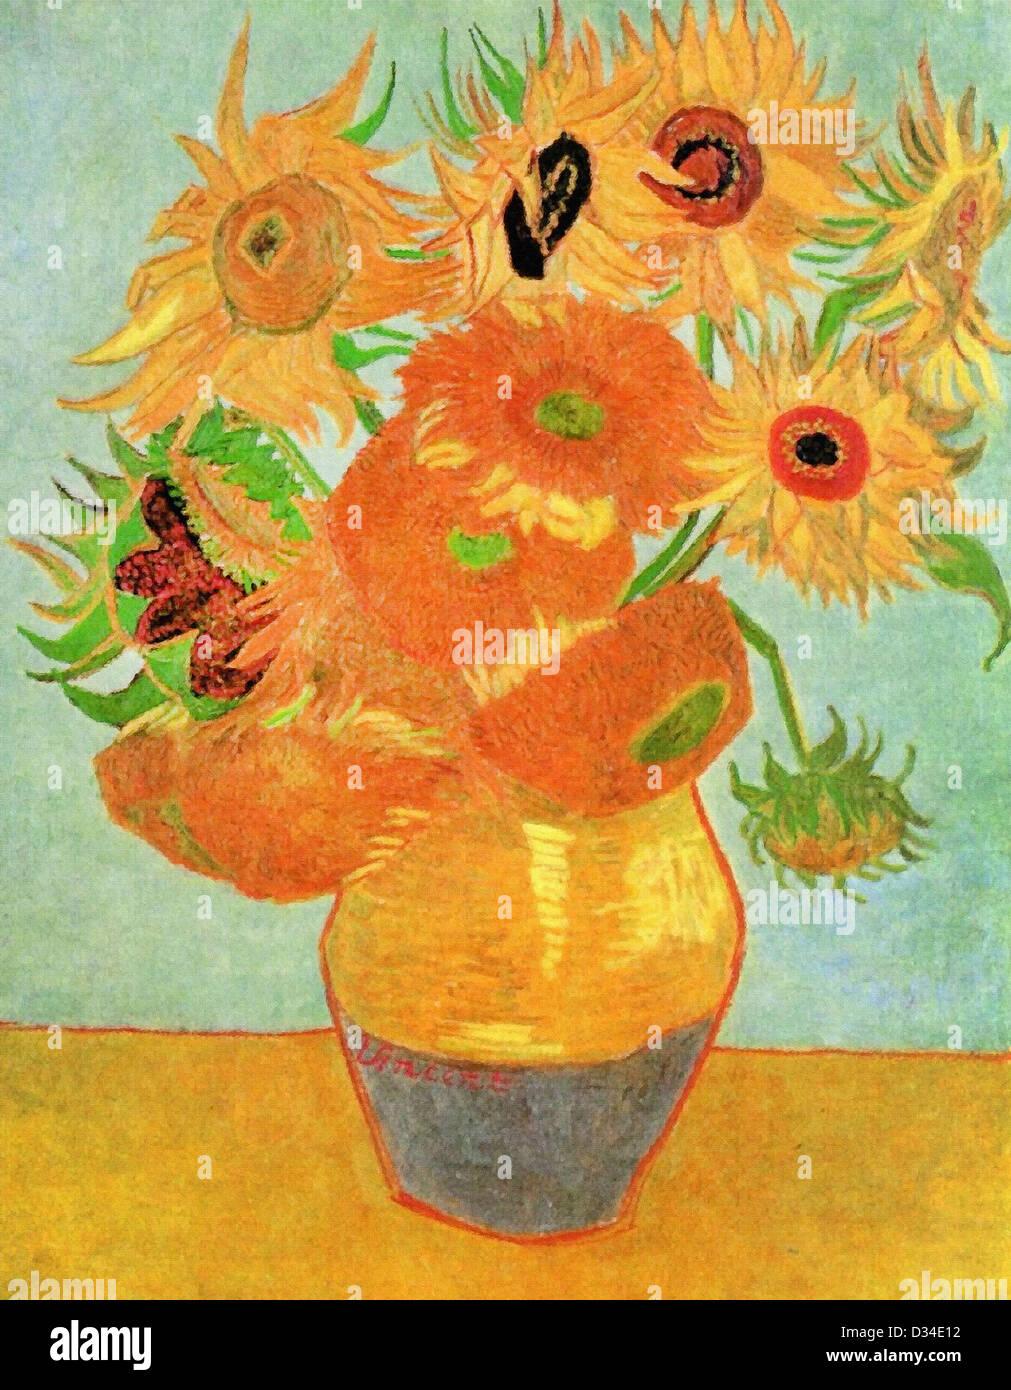 Vincent Van Gogh, Stilleben Vase mit zwölf Sonnenblumen. 1889. Post-Impressionismus. Öl auf Leinwand. Stockbild